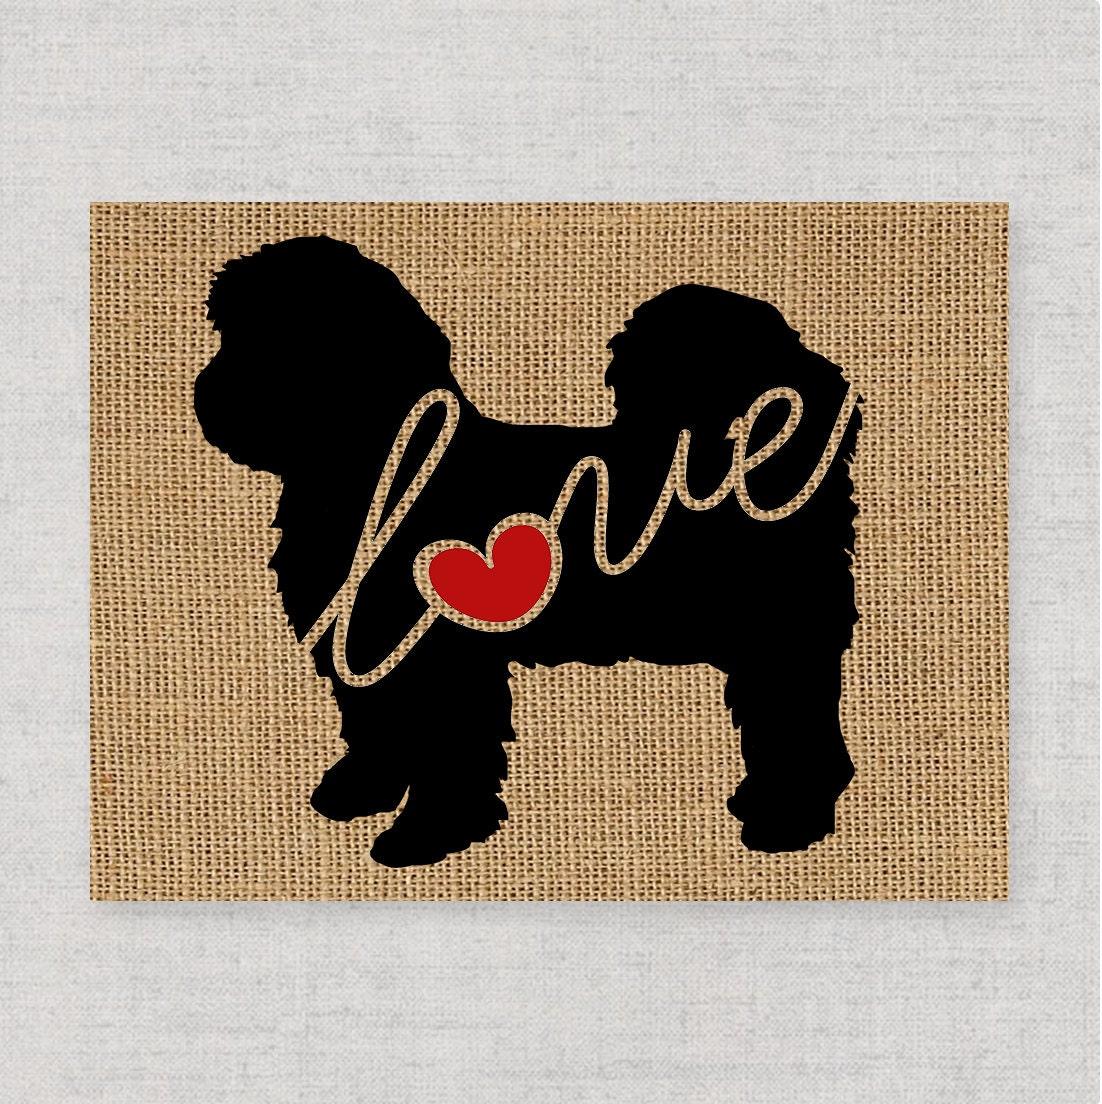 Shih Tzu Shih Tzu Short Hair Art Print On Burlap Dog